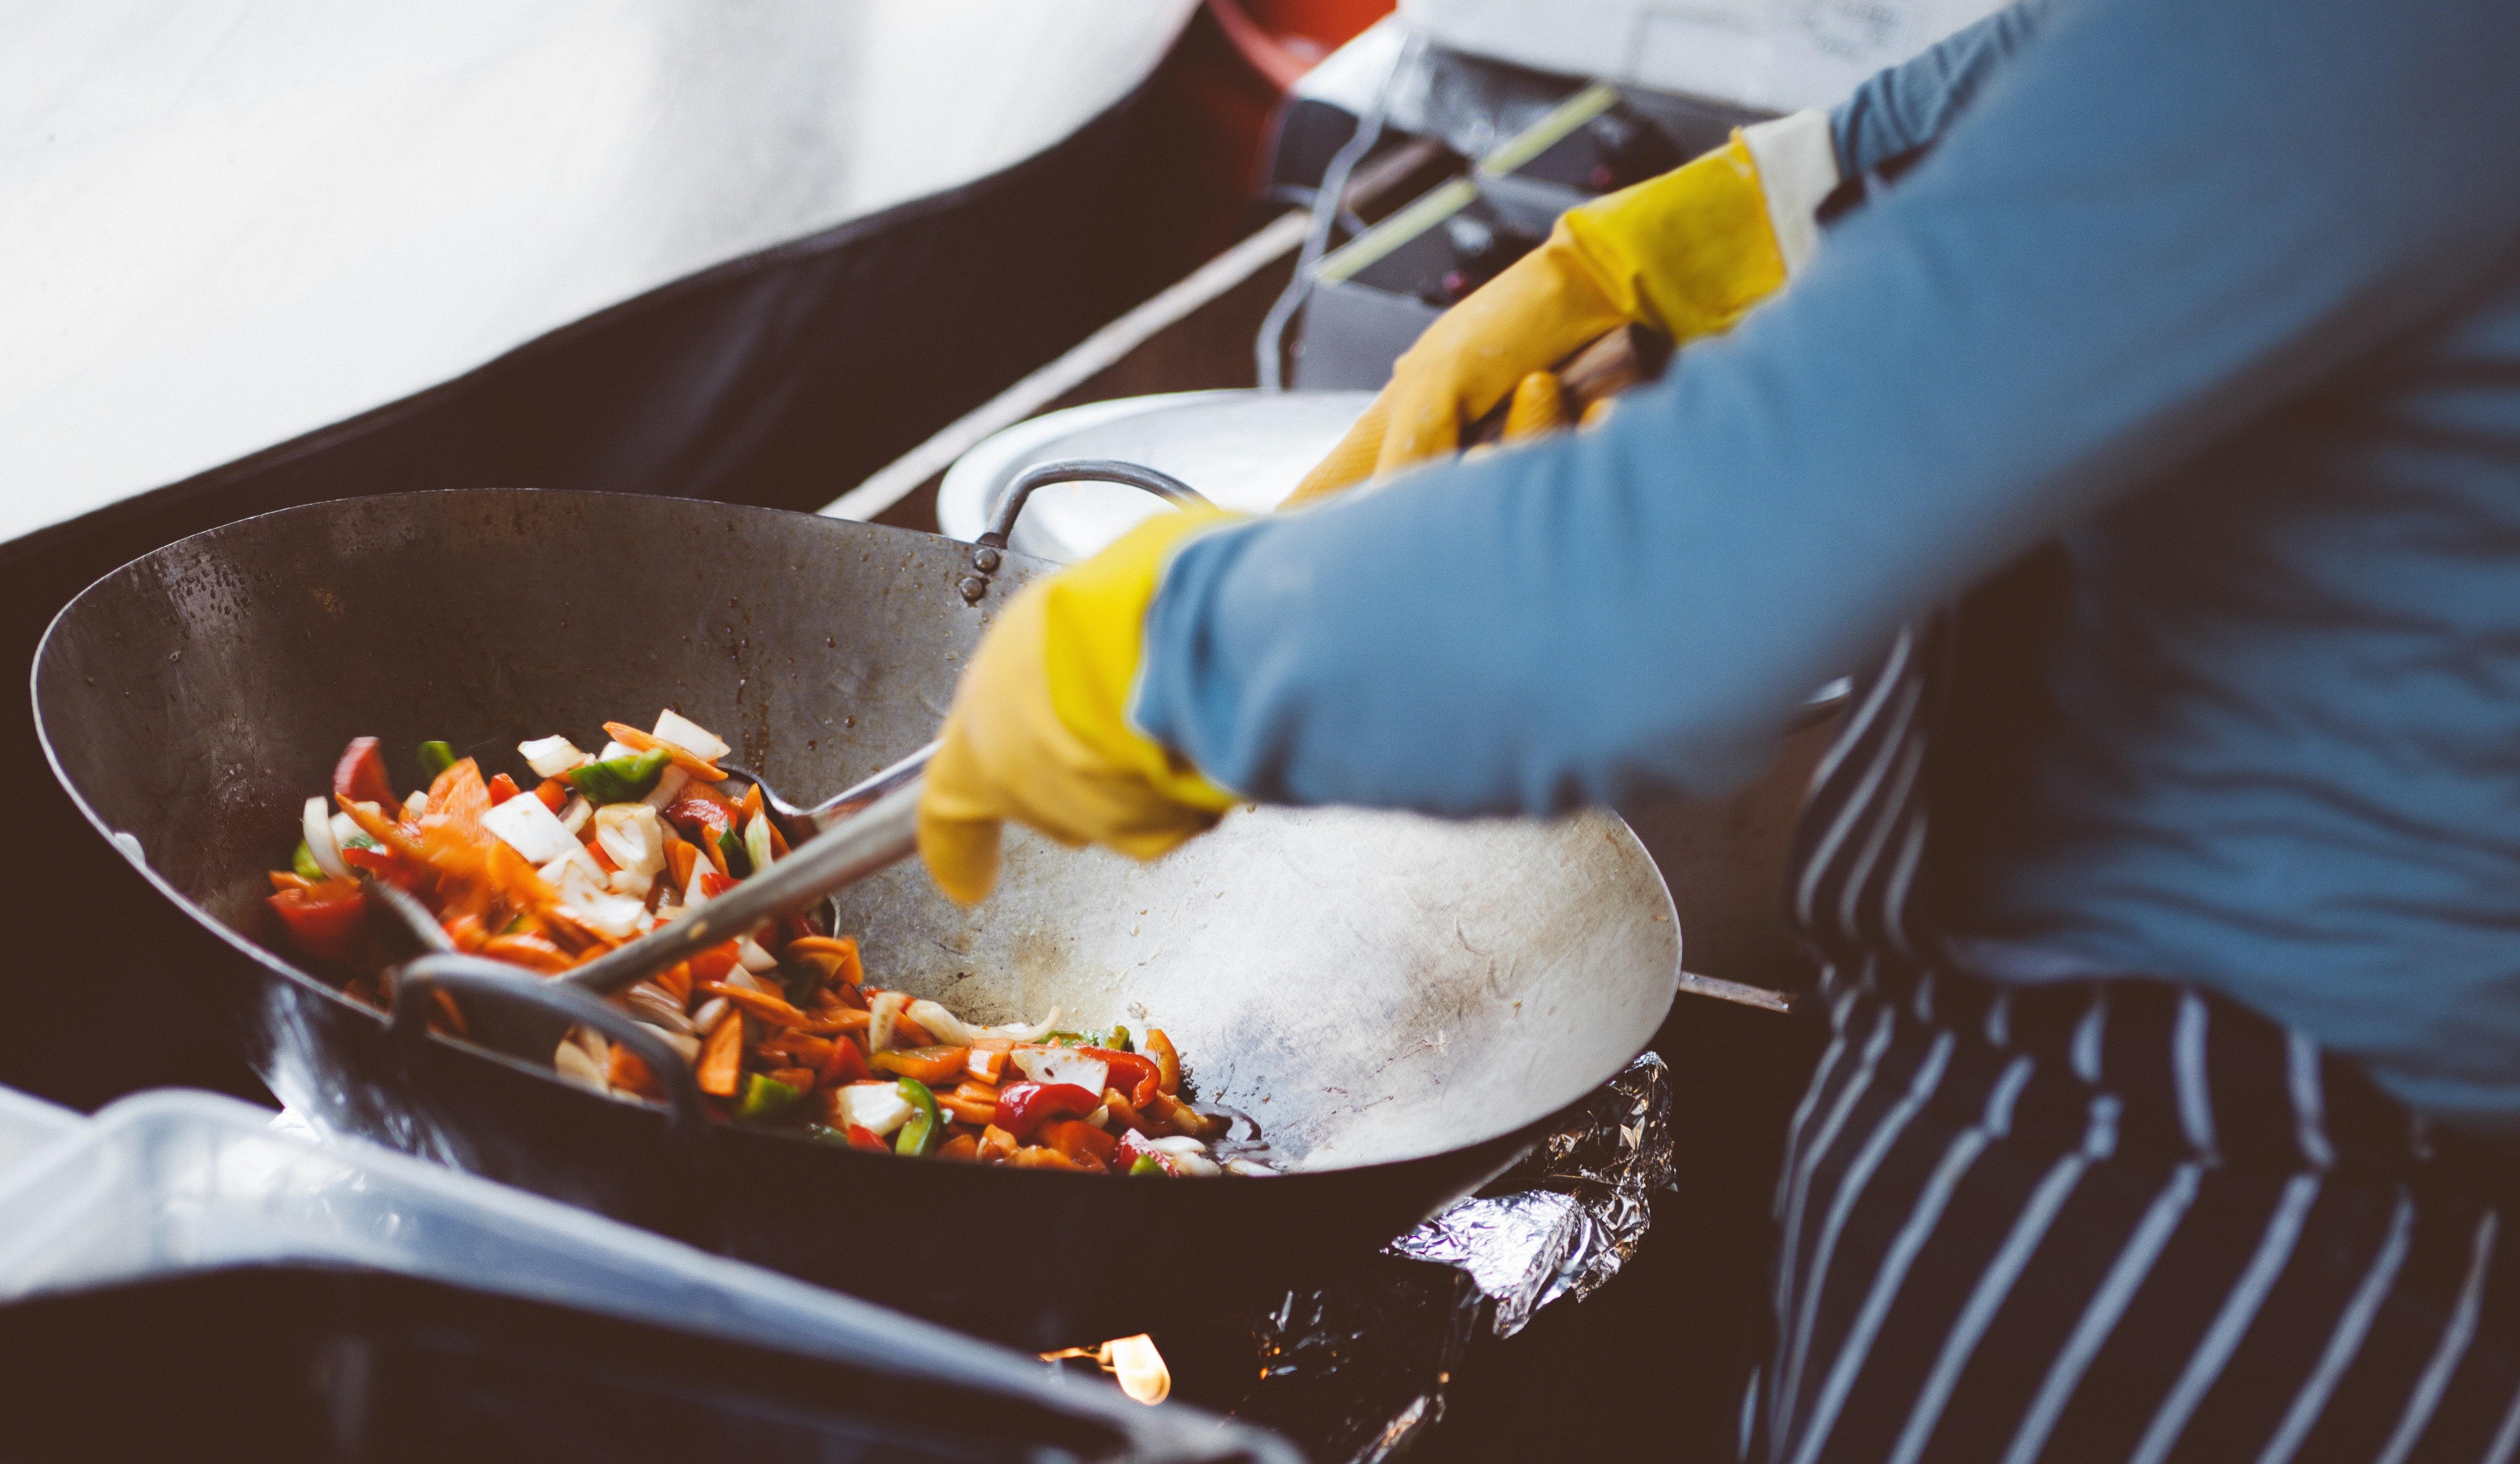 SHOW COOKING DI RICETTE TIPICHE SICILIANE